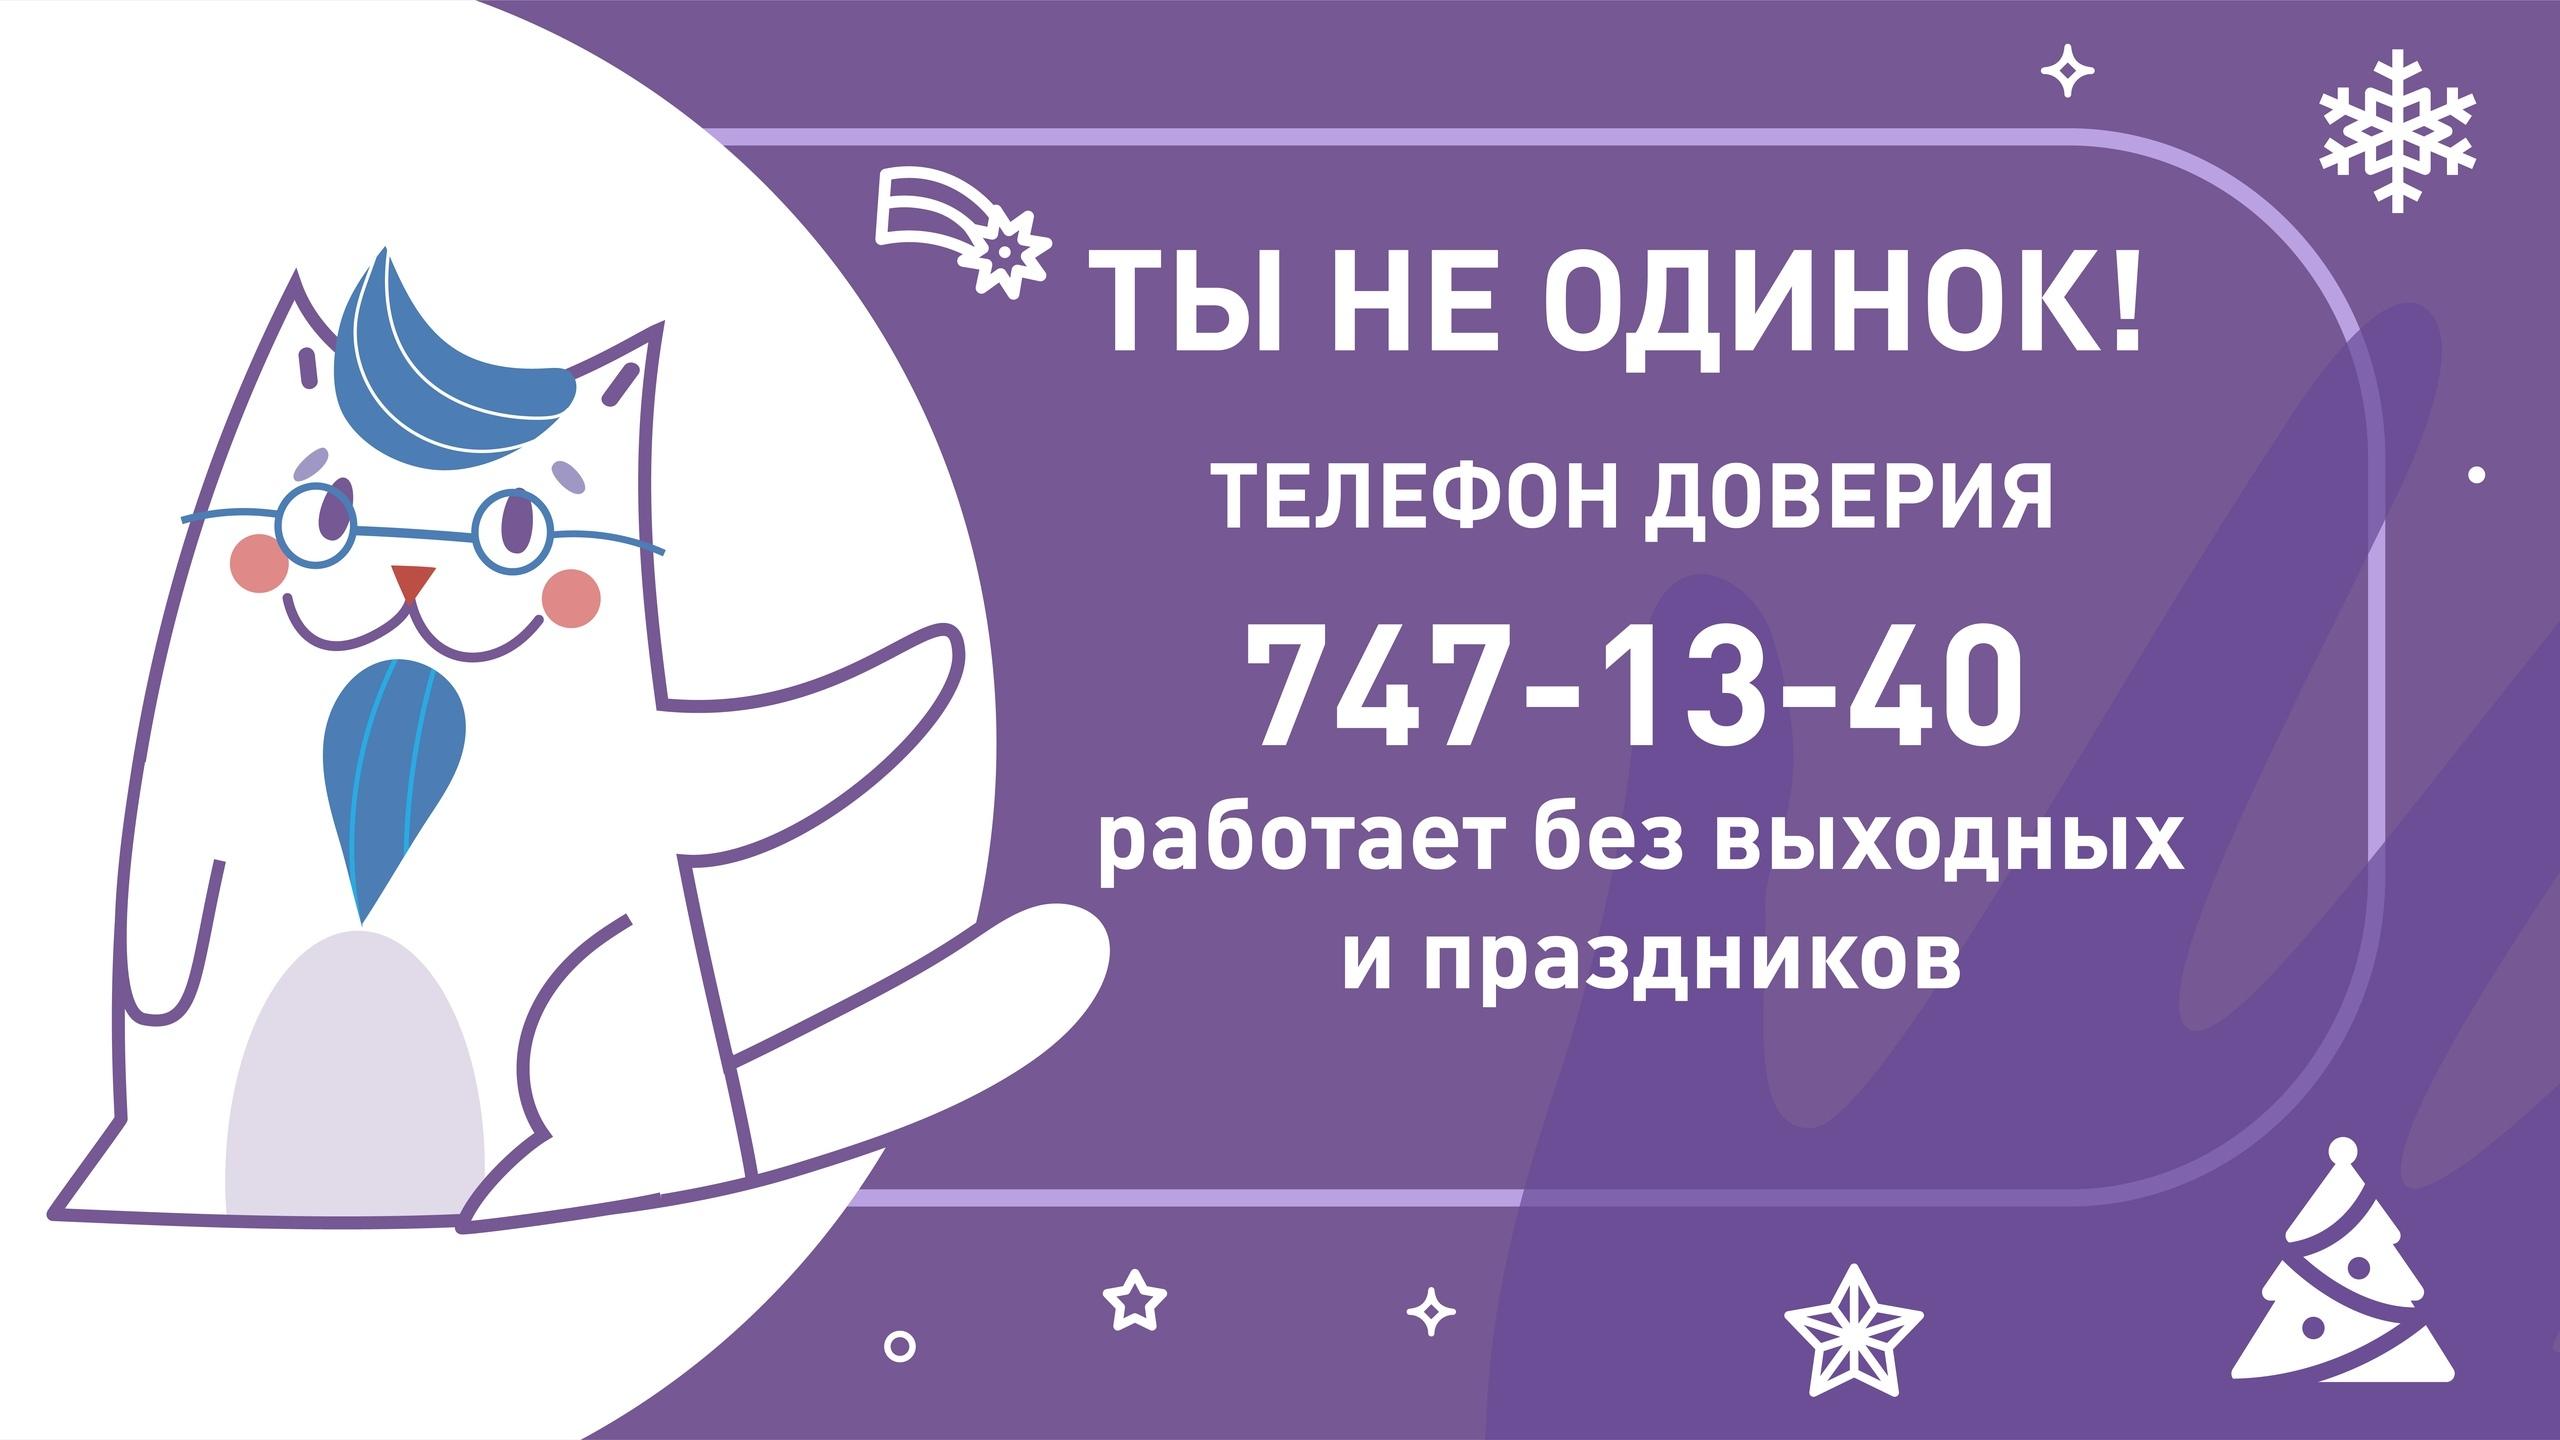 Телефон доверия и психологическая помощь для подростков